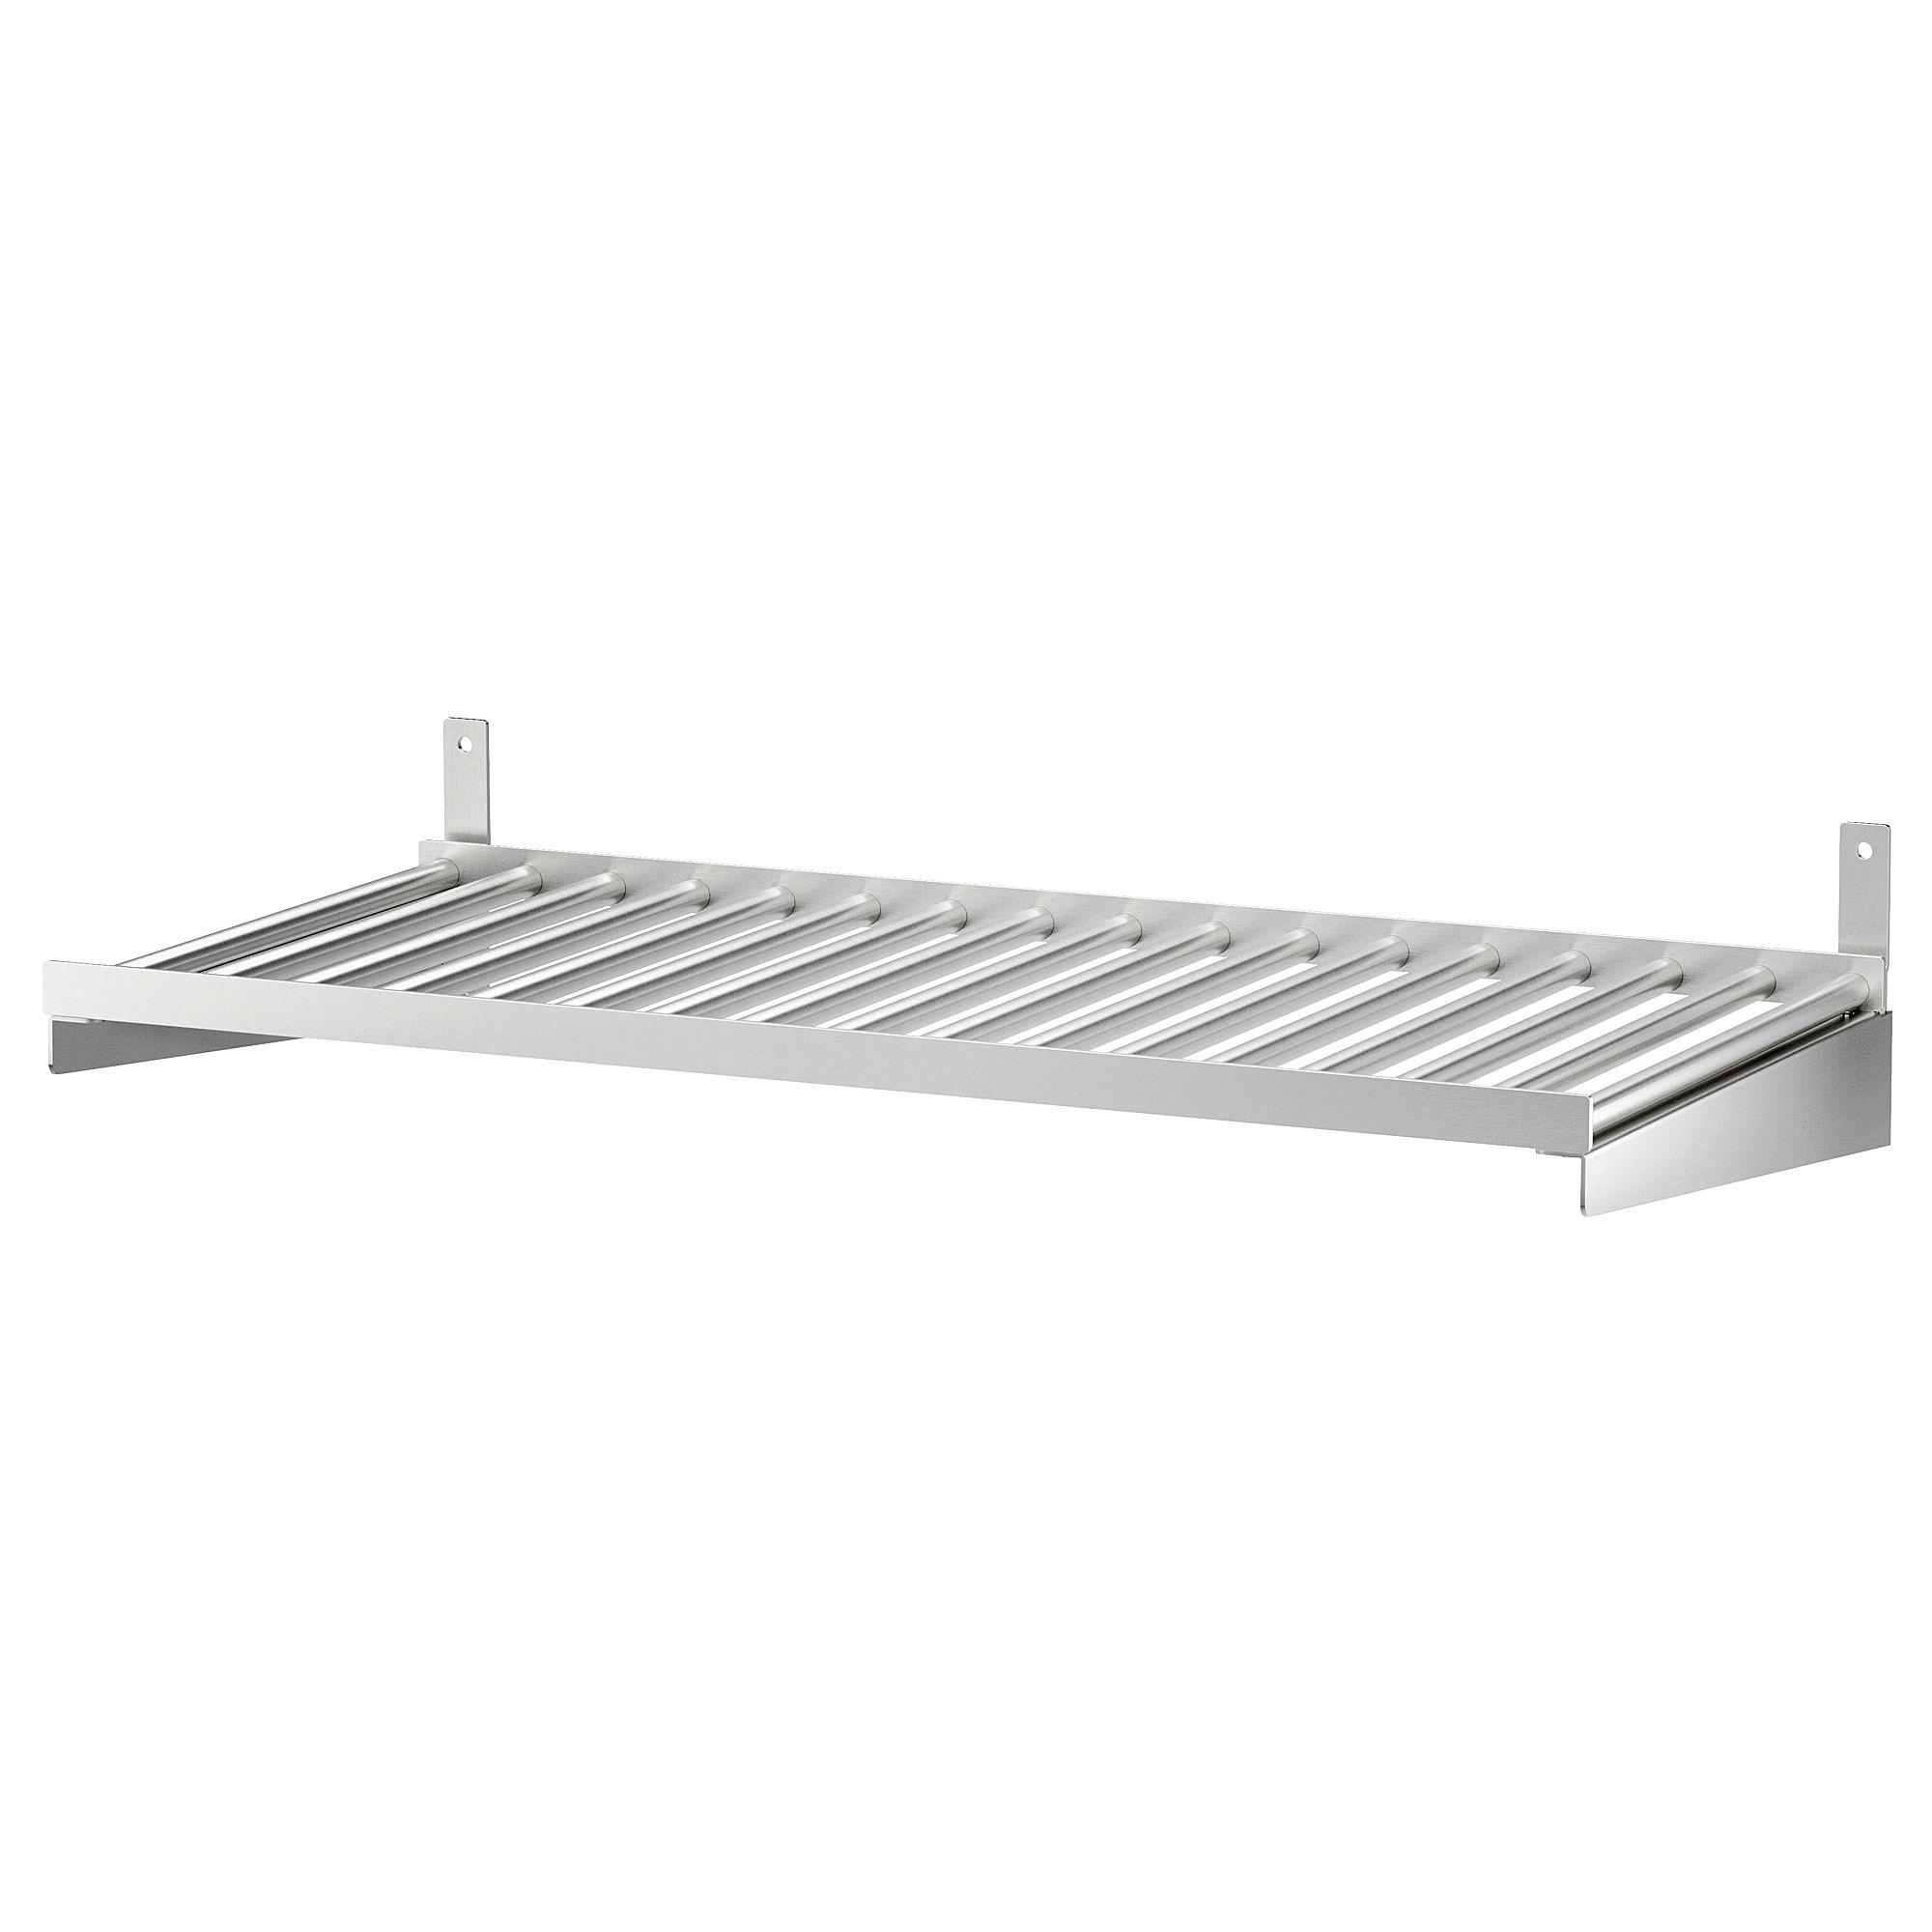 Ikea Kungsfors Stainless Steel Shelf Shelves Ikea Steel Wall